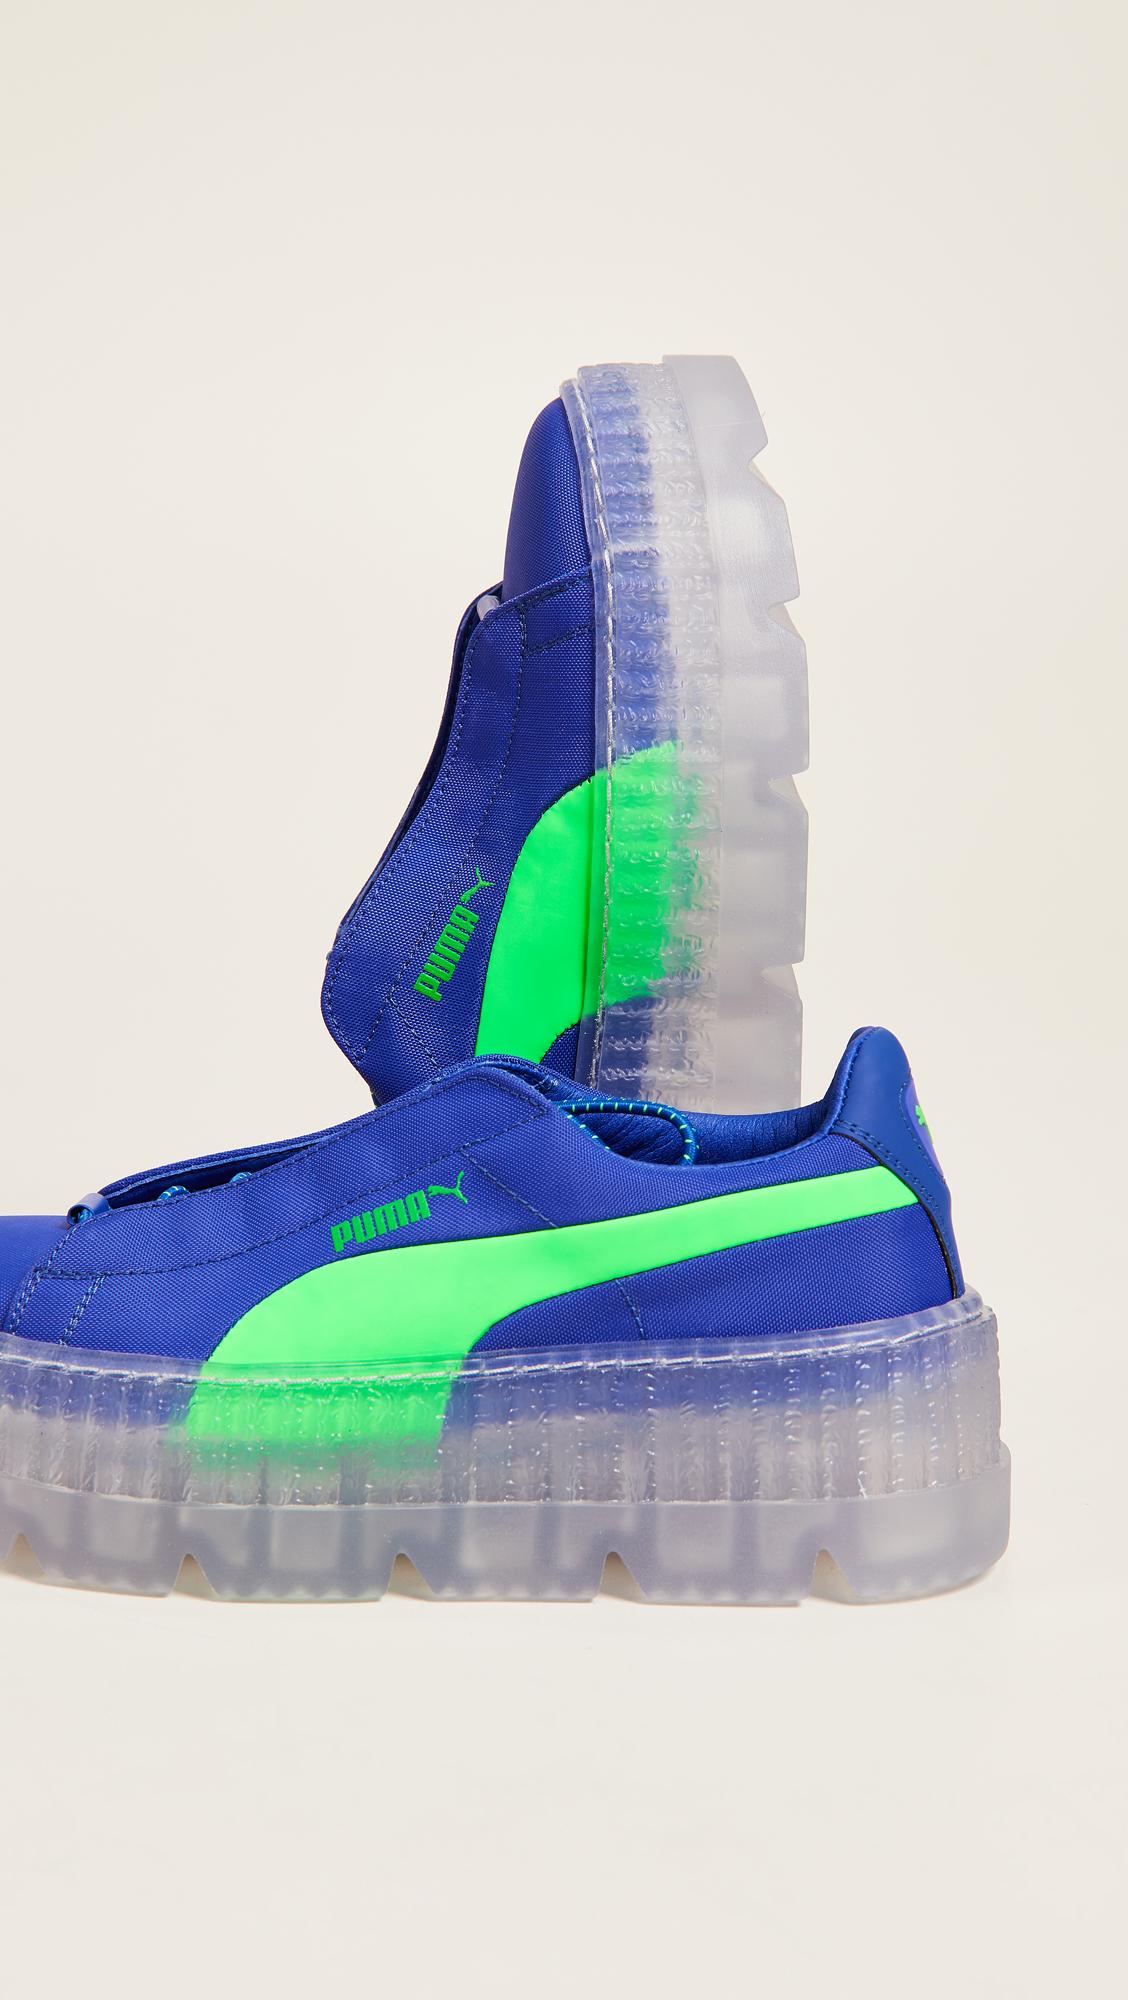 5797585b19b01f PUMA FENTY x PUMA Cleated Surf Creeper Sneakers